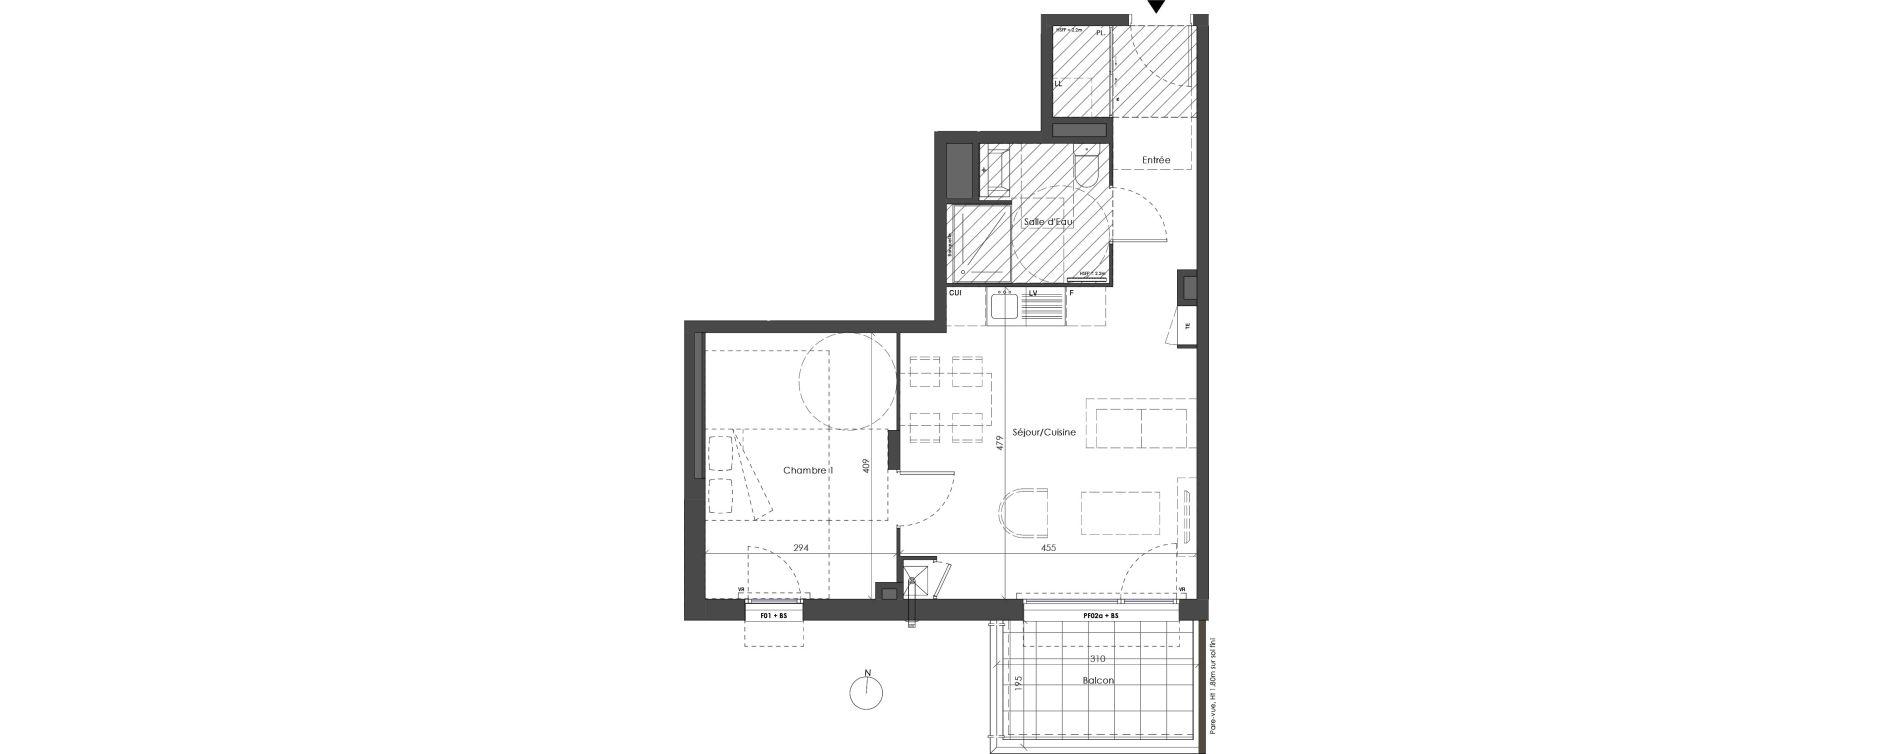 Appartement T2 de 44,06 m2 à Villeurbanne Saint-jean